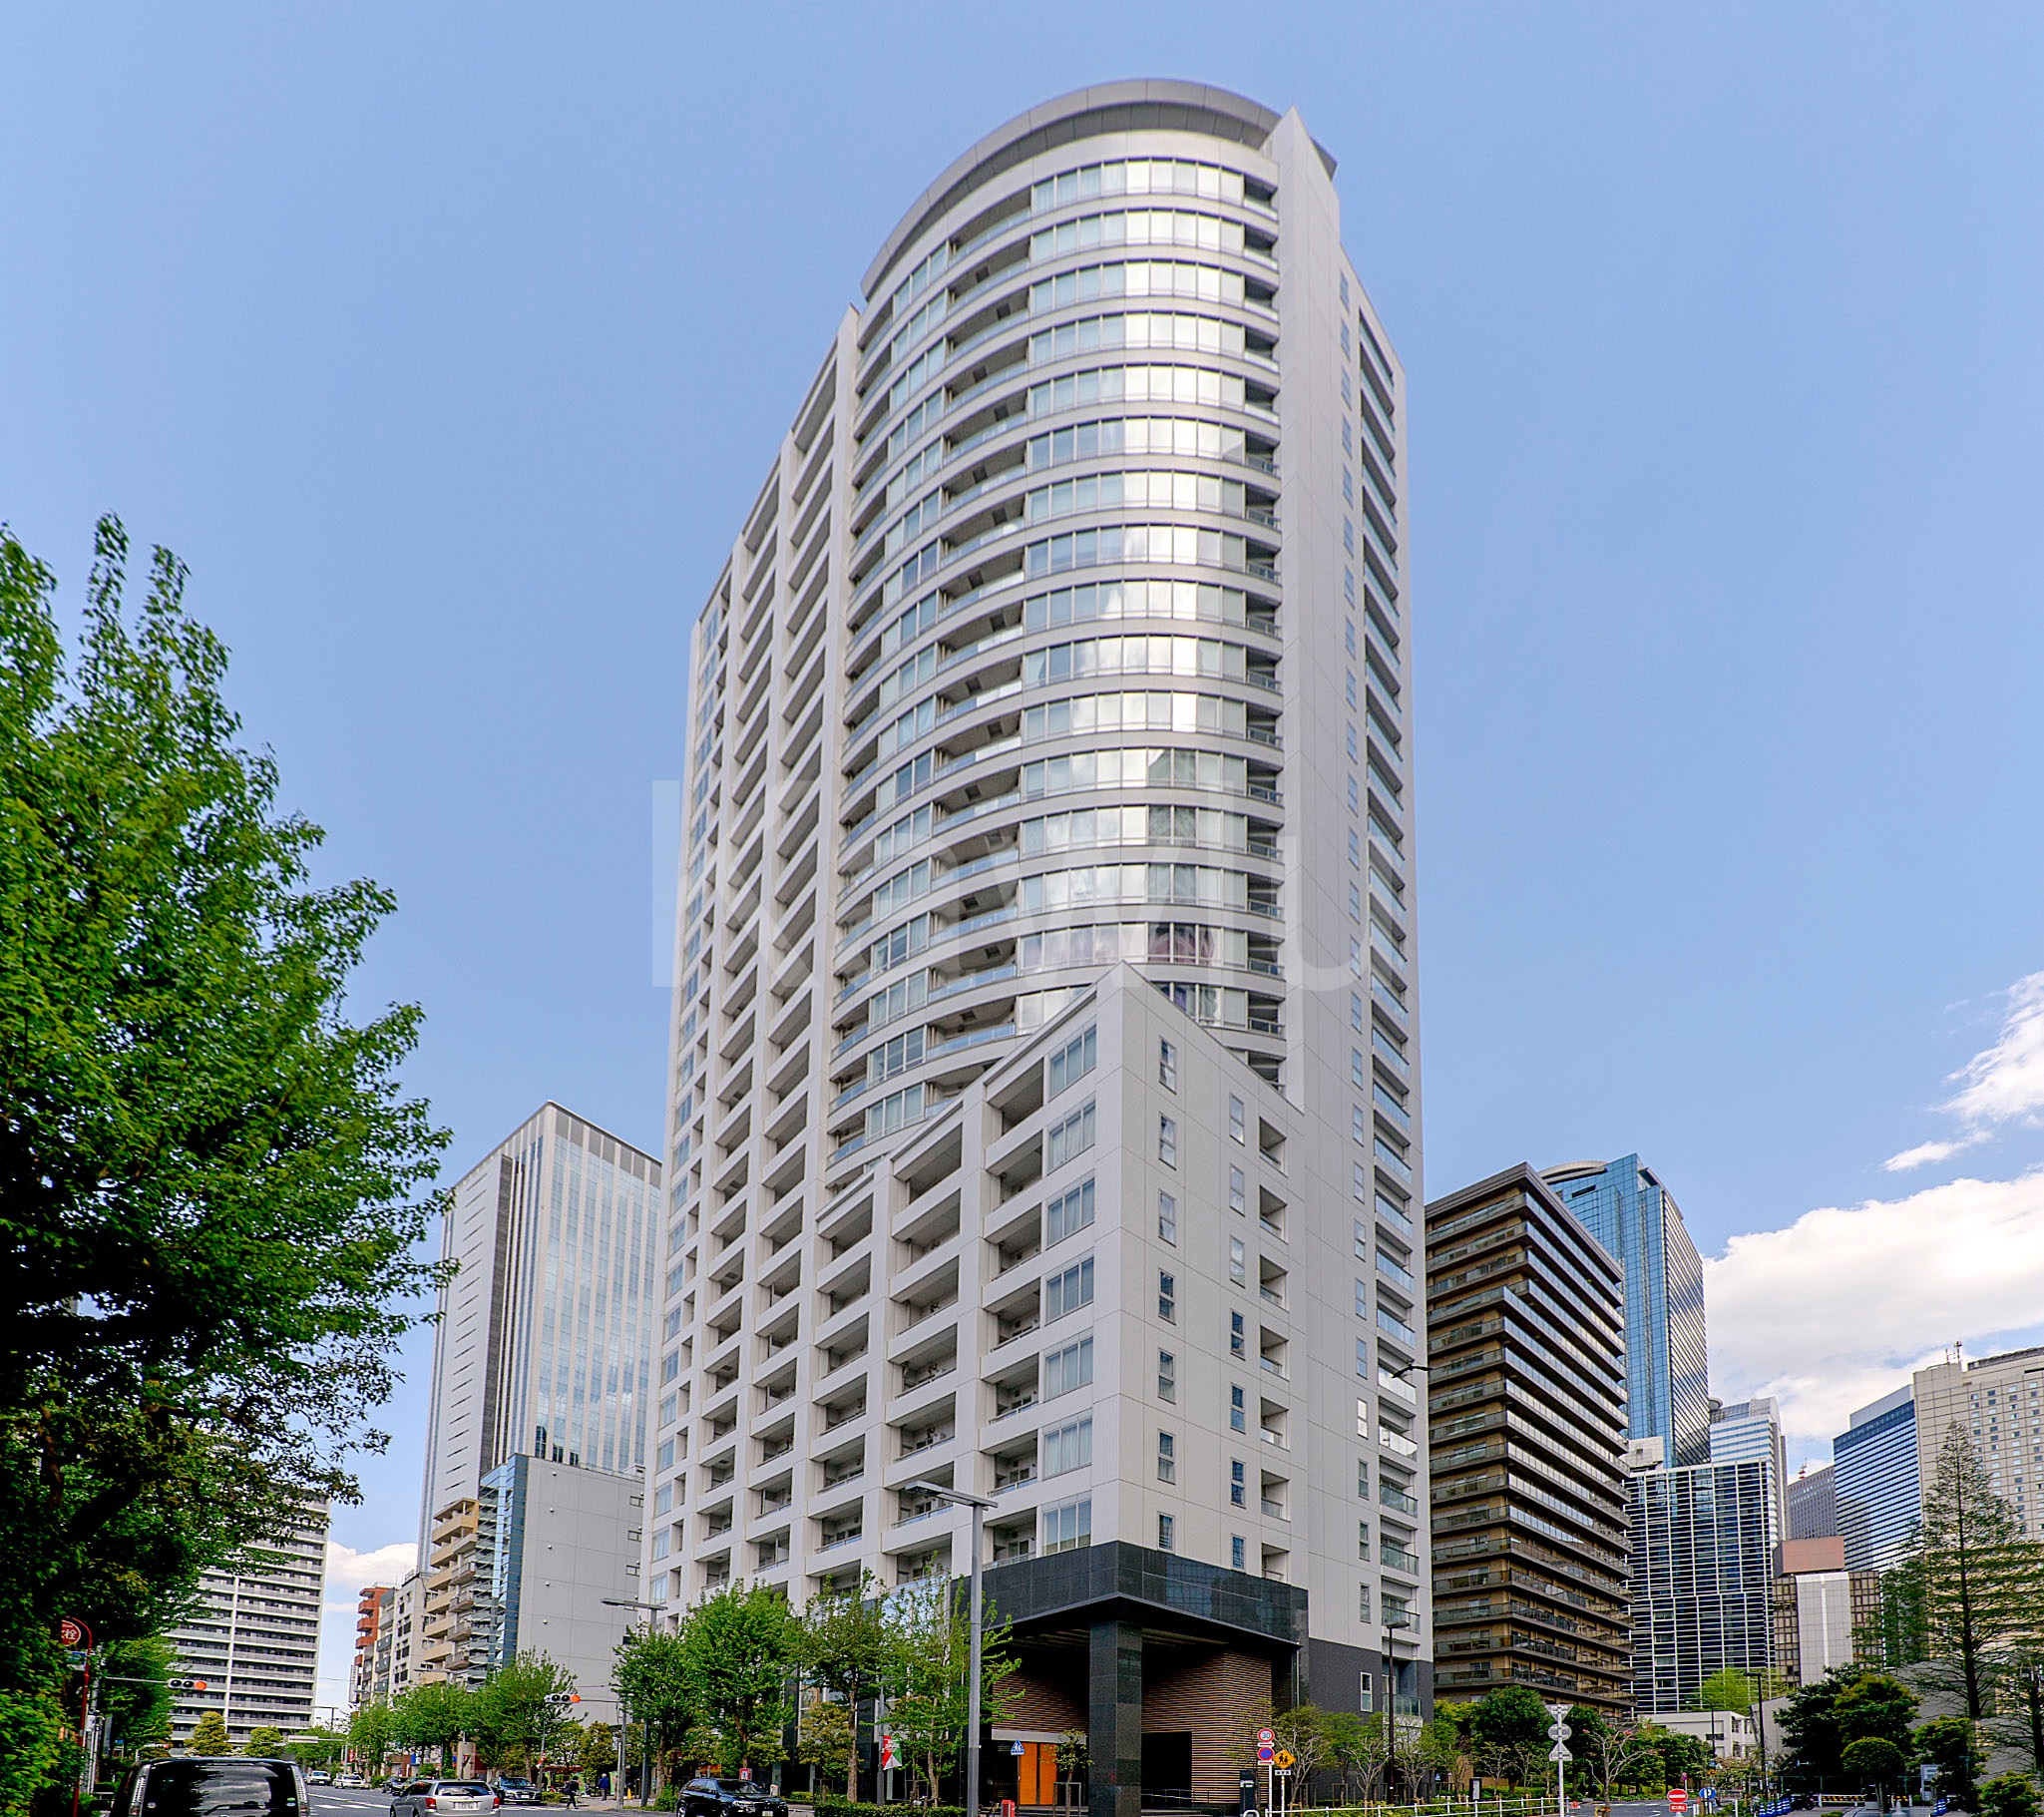 アトラスタワー西新宿は、DINKSにオススメなタワーマンション!